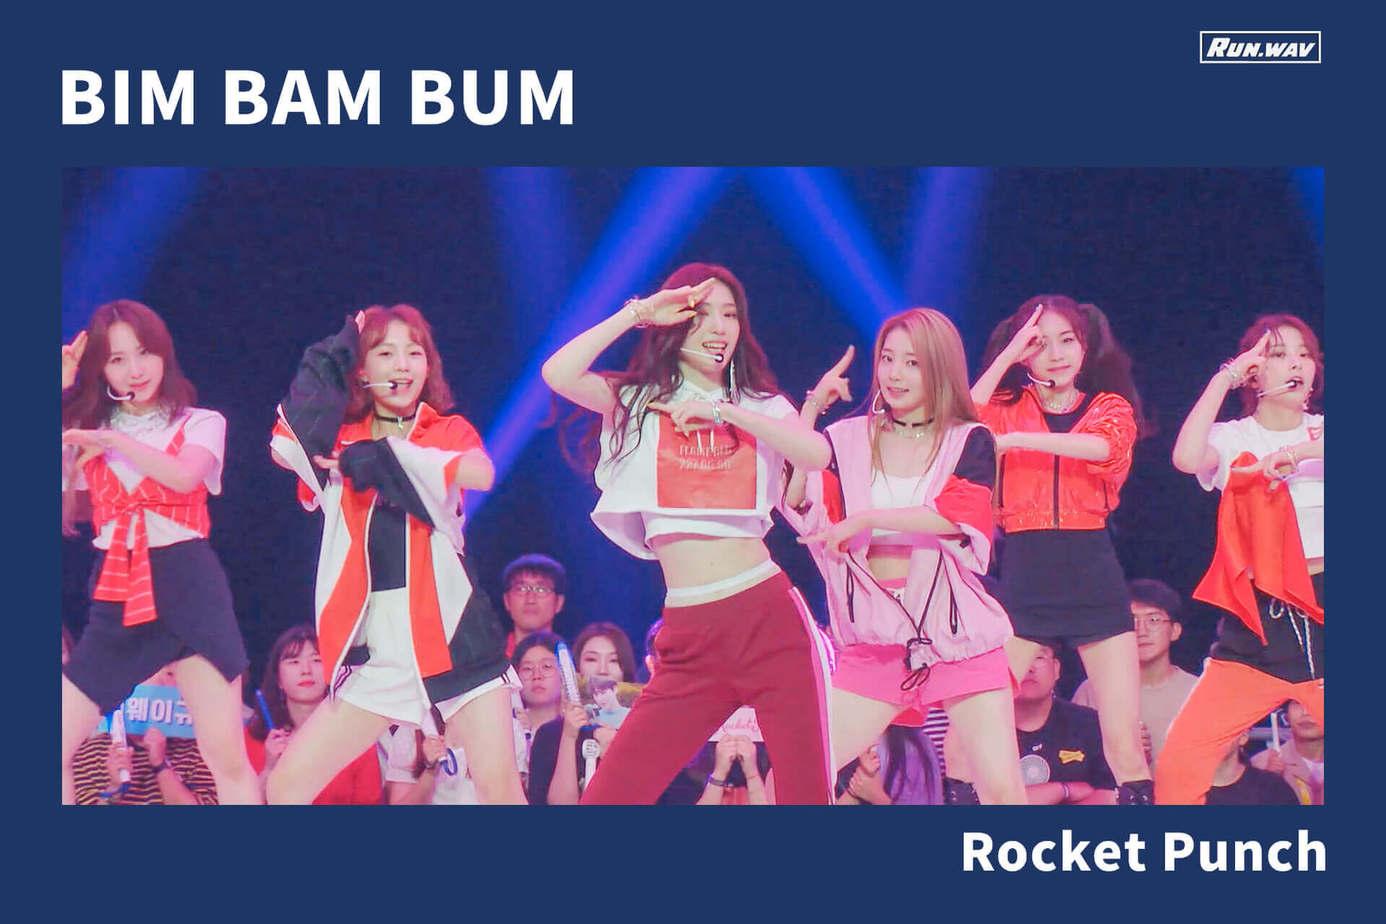 BIM BAM BUM|Rocket Punch